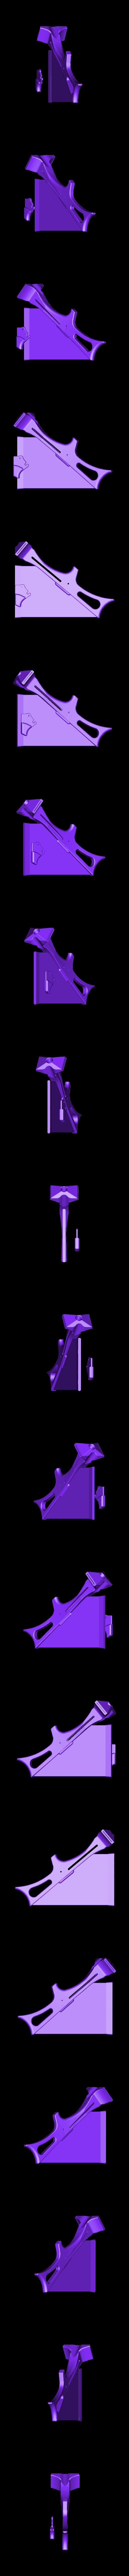 XQ-Bow_Printing_Orientation.STL Télécharger fichier STL gratuit XQ-Bow • Objet imprimable en 3D, AlbertKhan3D